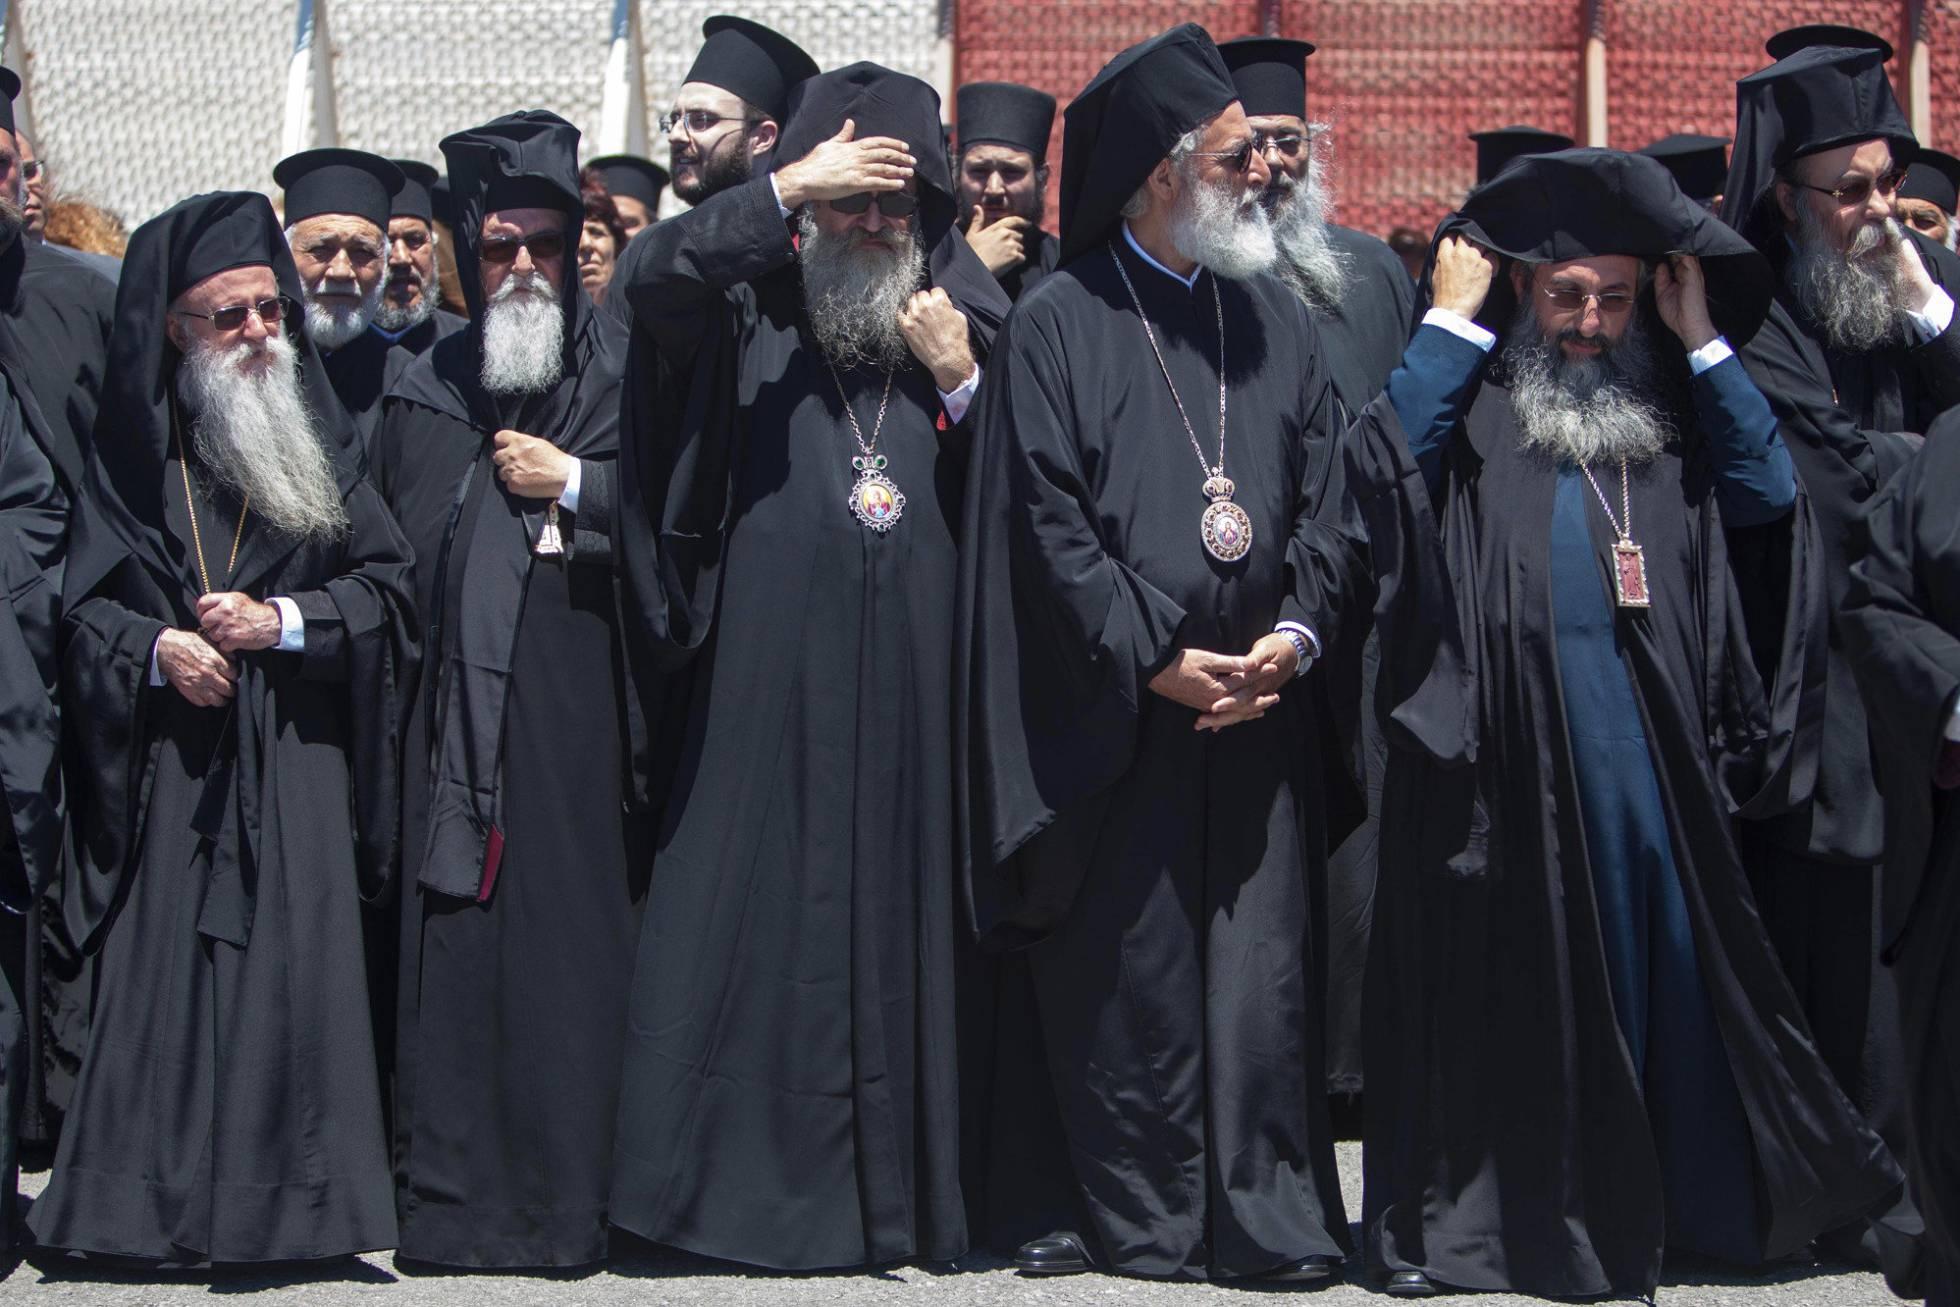 Conflictos en relación al primer gran sínodo de Iglesias cristianas ortodoxas en 1.200 años. 1466100033_341650_1466101038_noticia_normal_recorte1